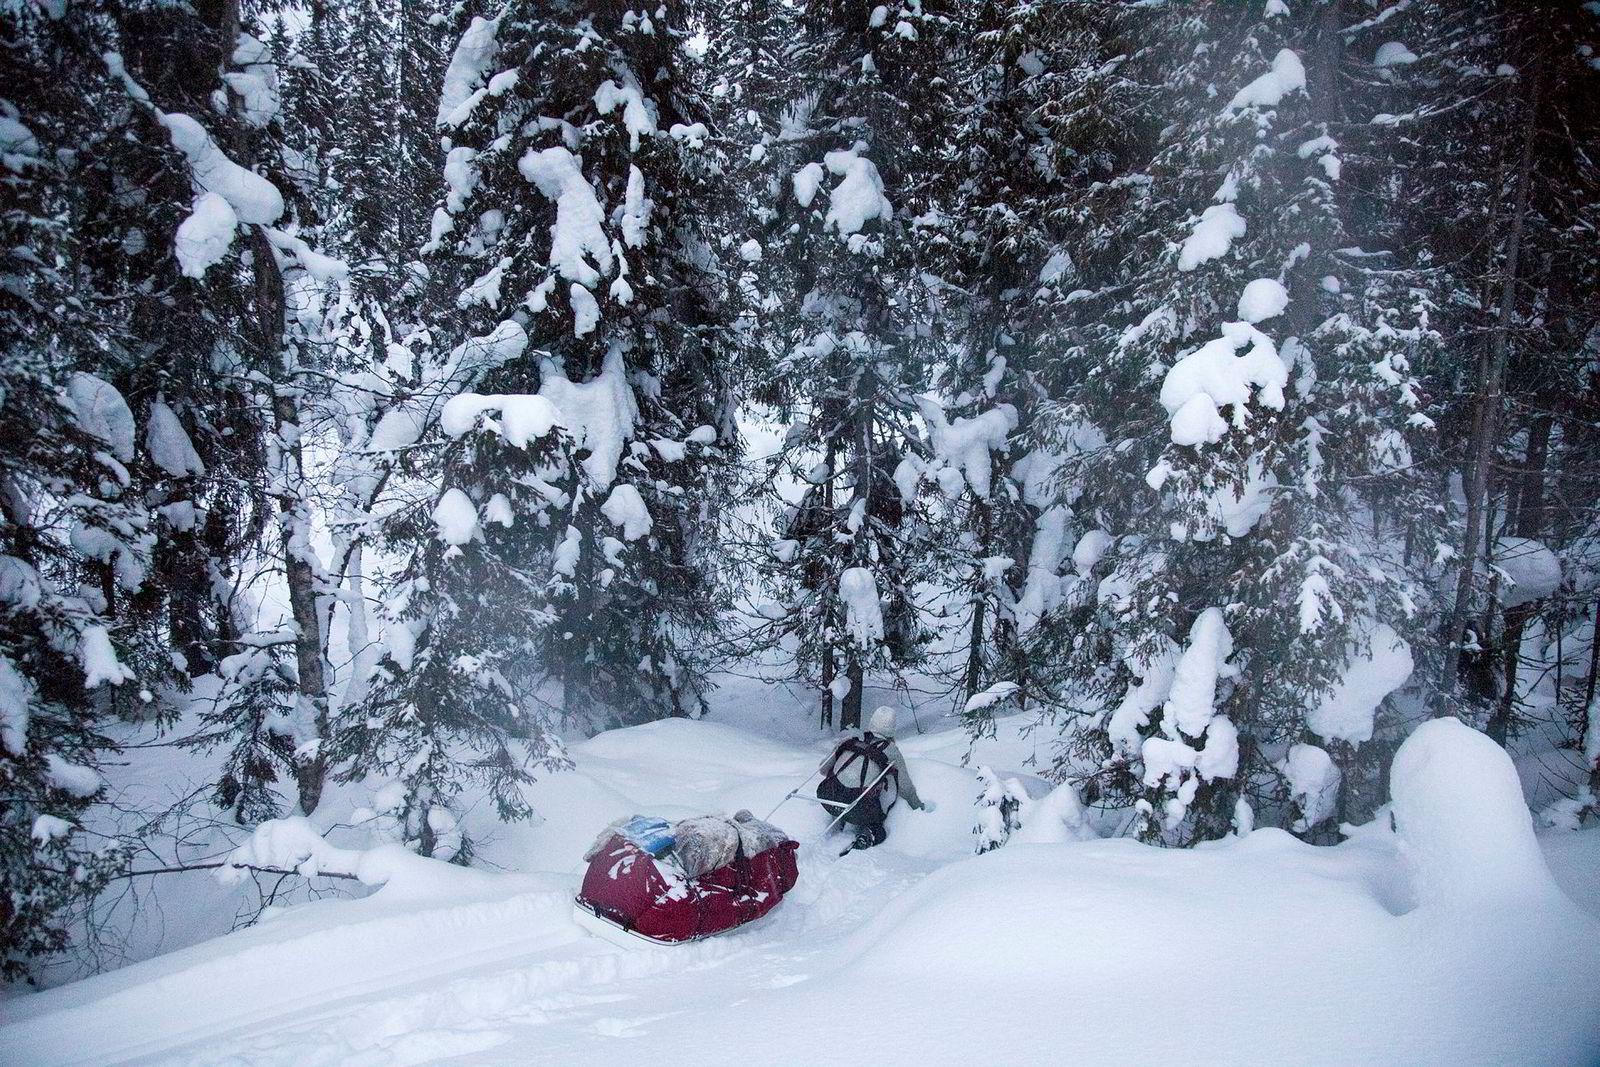 Med pulken på slep brøyter Bodil Gilje seg gjennom skog og usporet snø for å finne sin favoritteltplass. Bodil Gilje stikker mer enn gjerne ut i vinterkulden for å overnatte i soveposen.